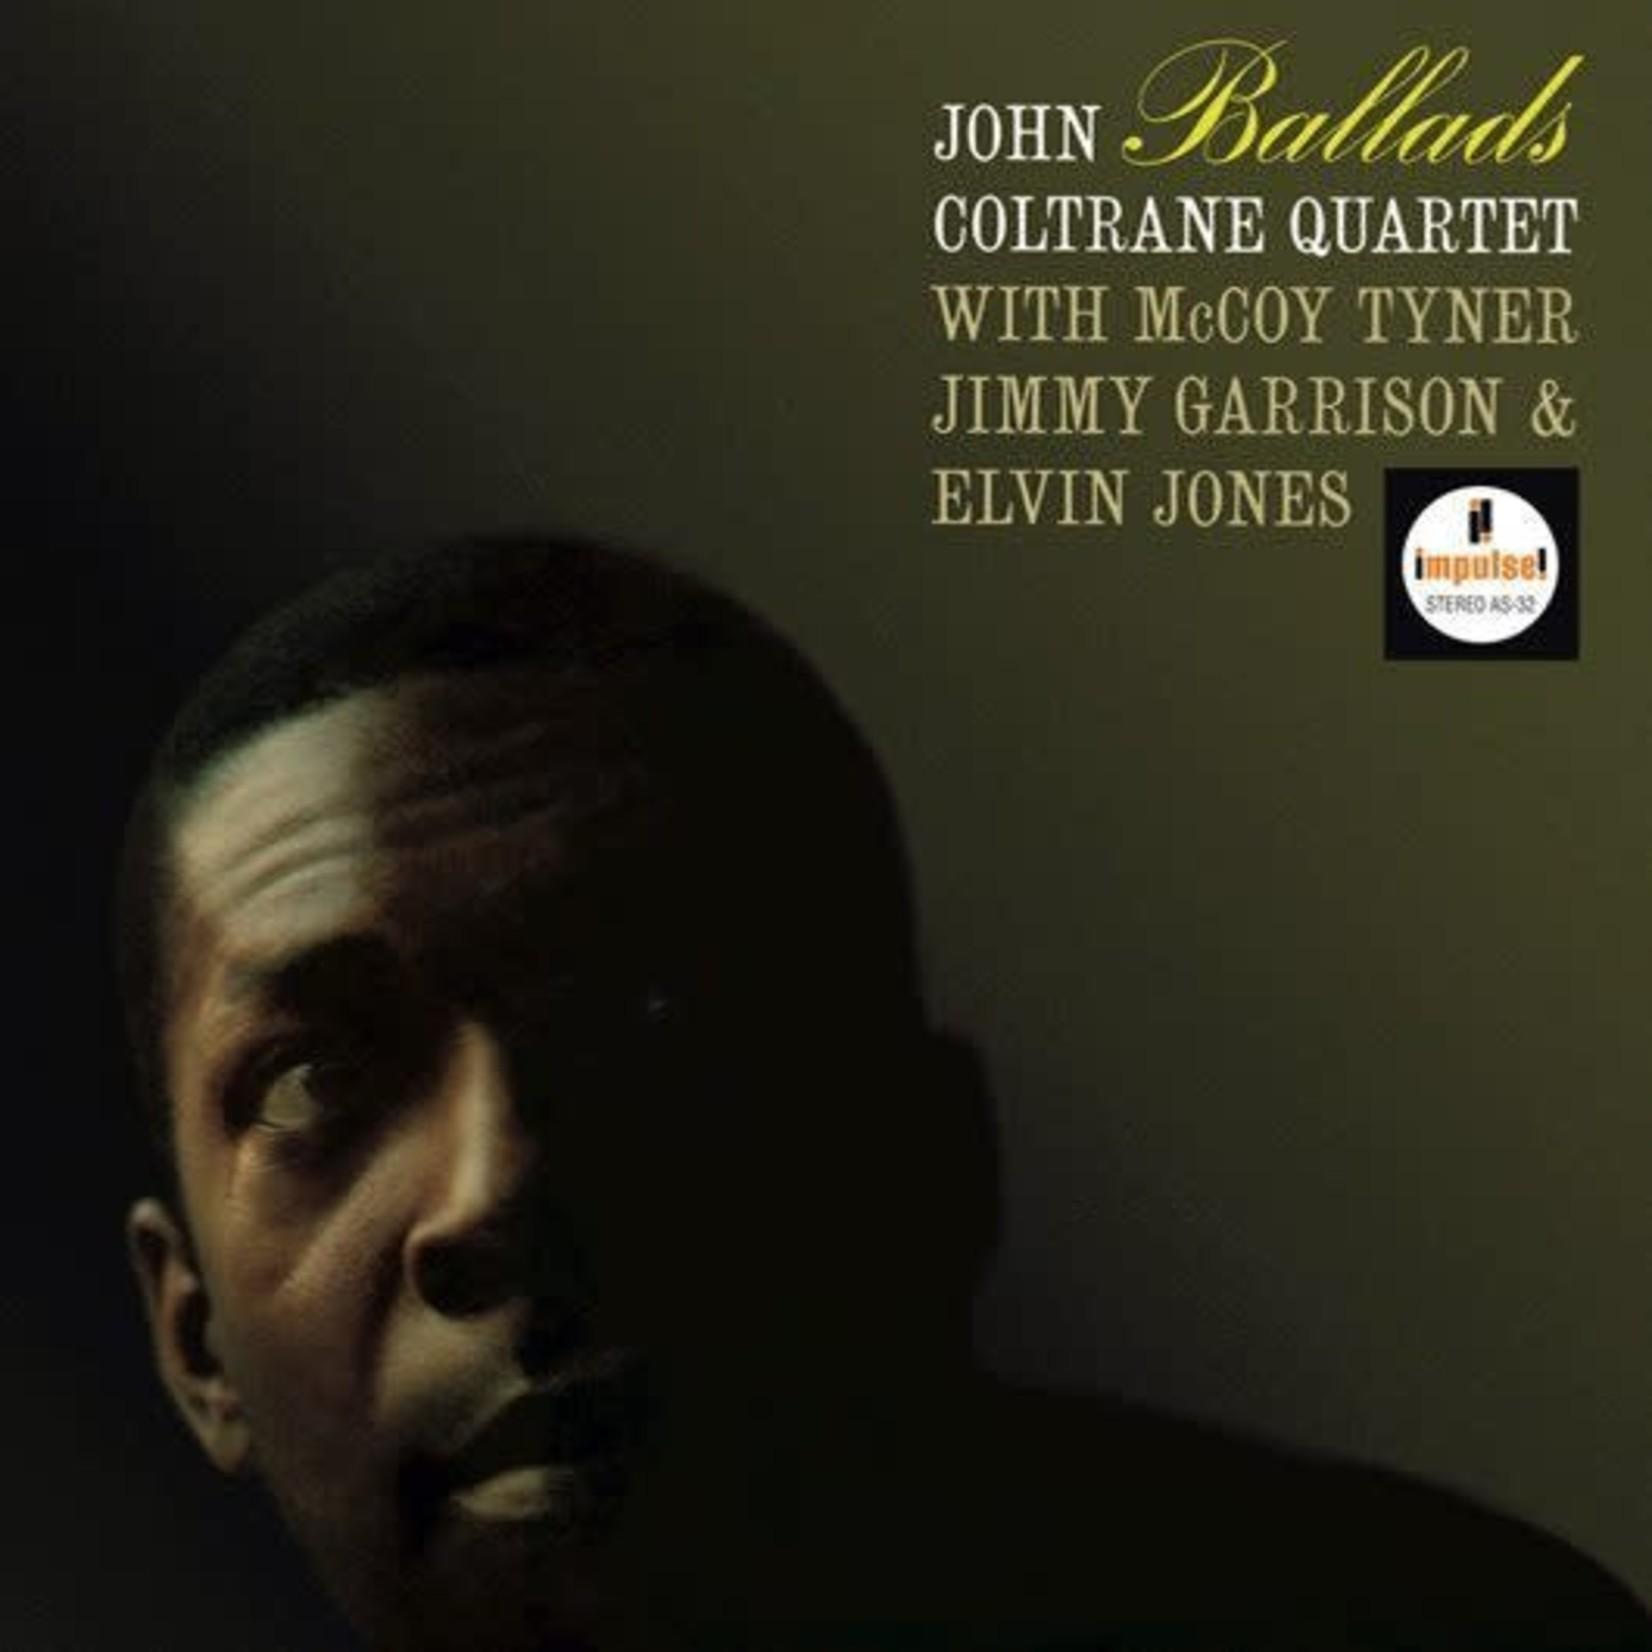 [New] Coltrane, John: Ballads